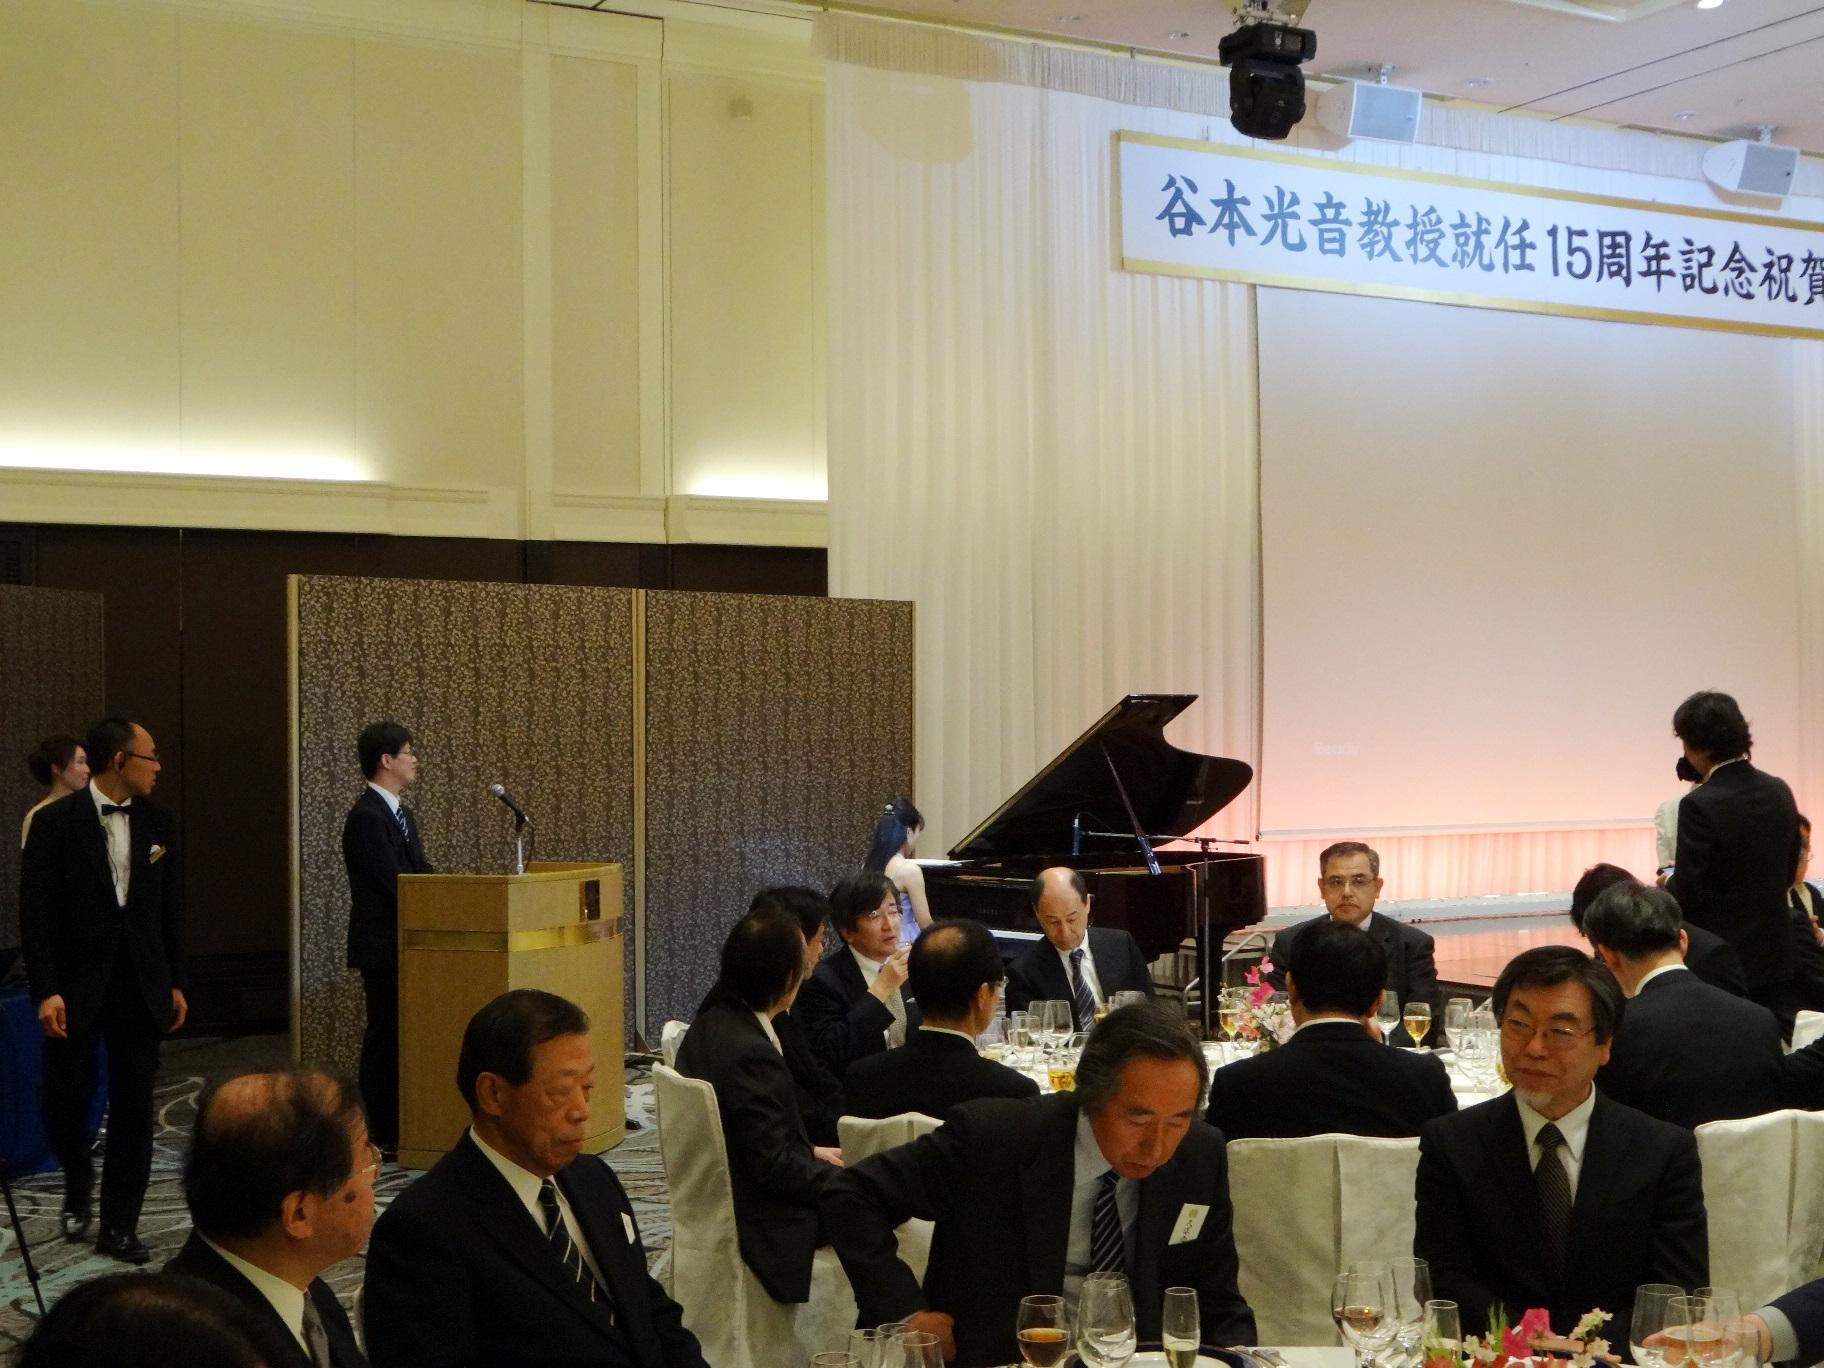 谷本光音教授就任15周年記念祝賀会(藤井敬子先生ピアノ演奏)